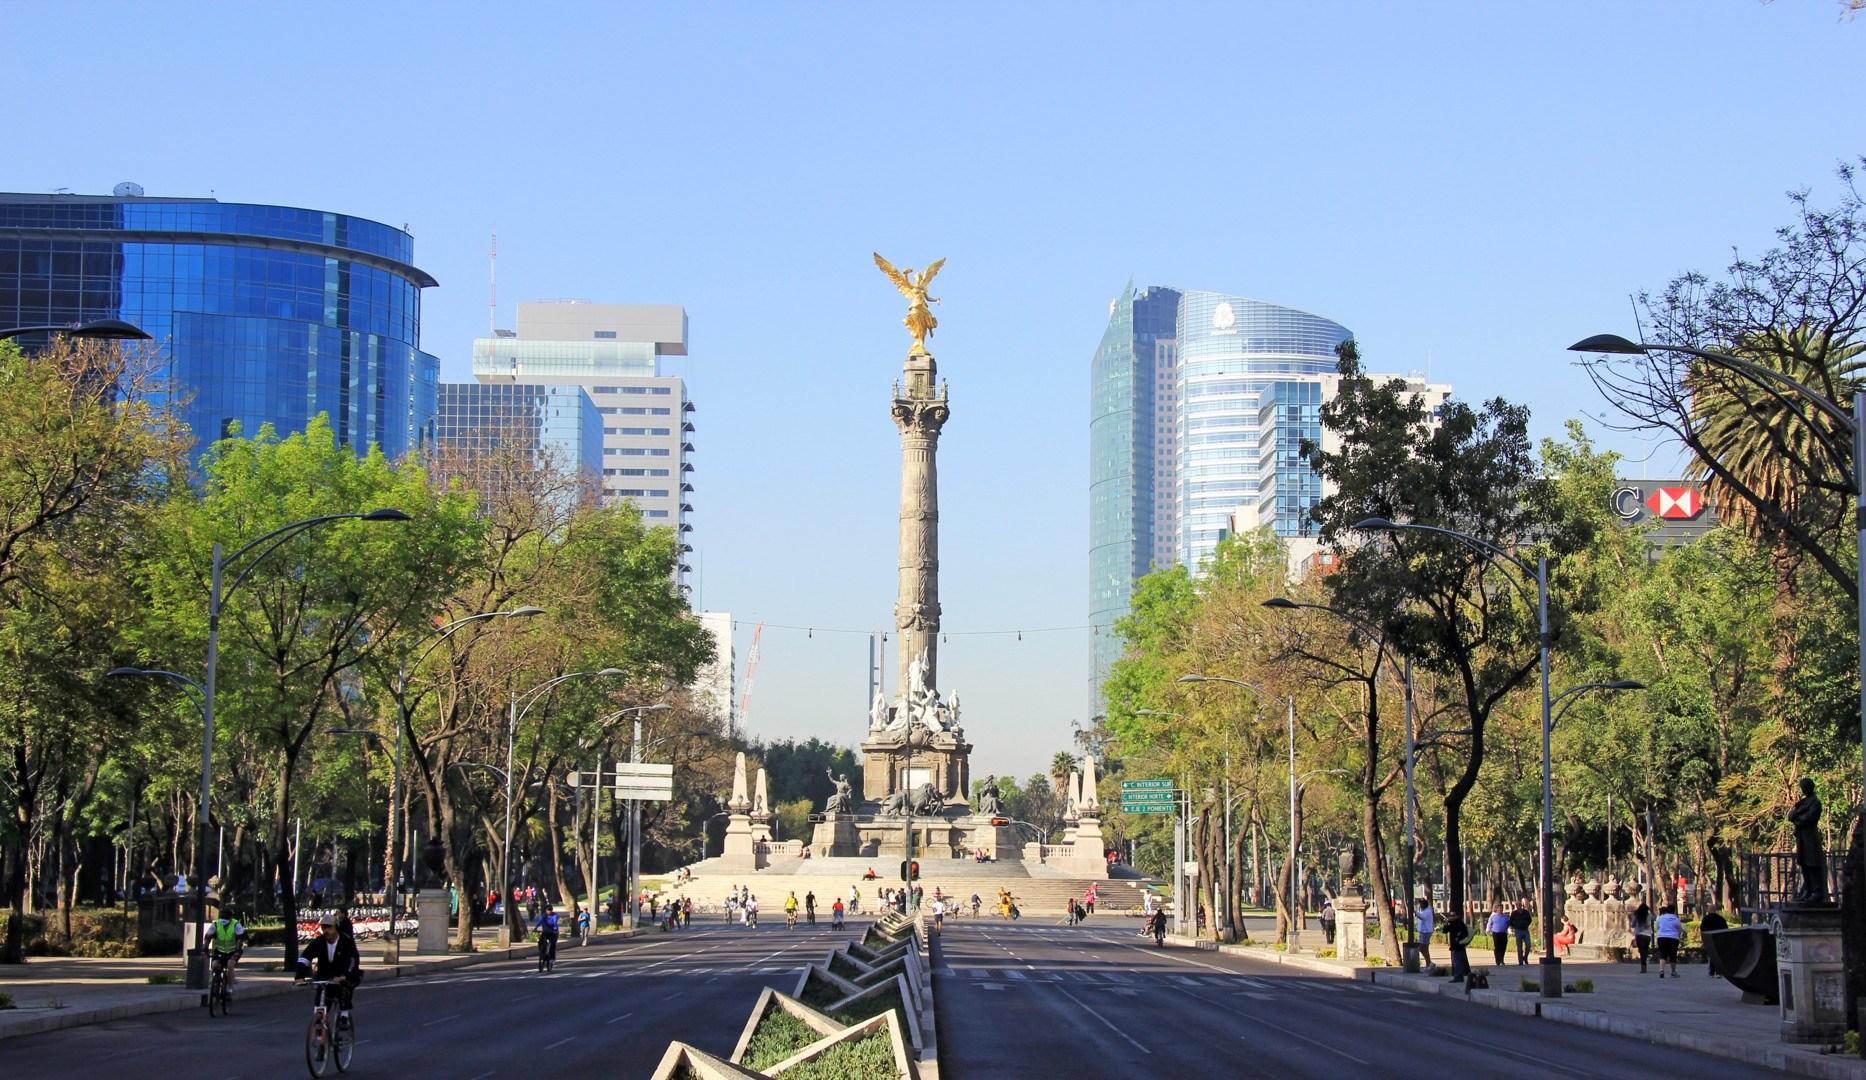 Punto critico de enfermos en México: finales de abril